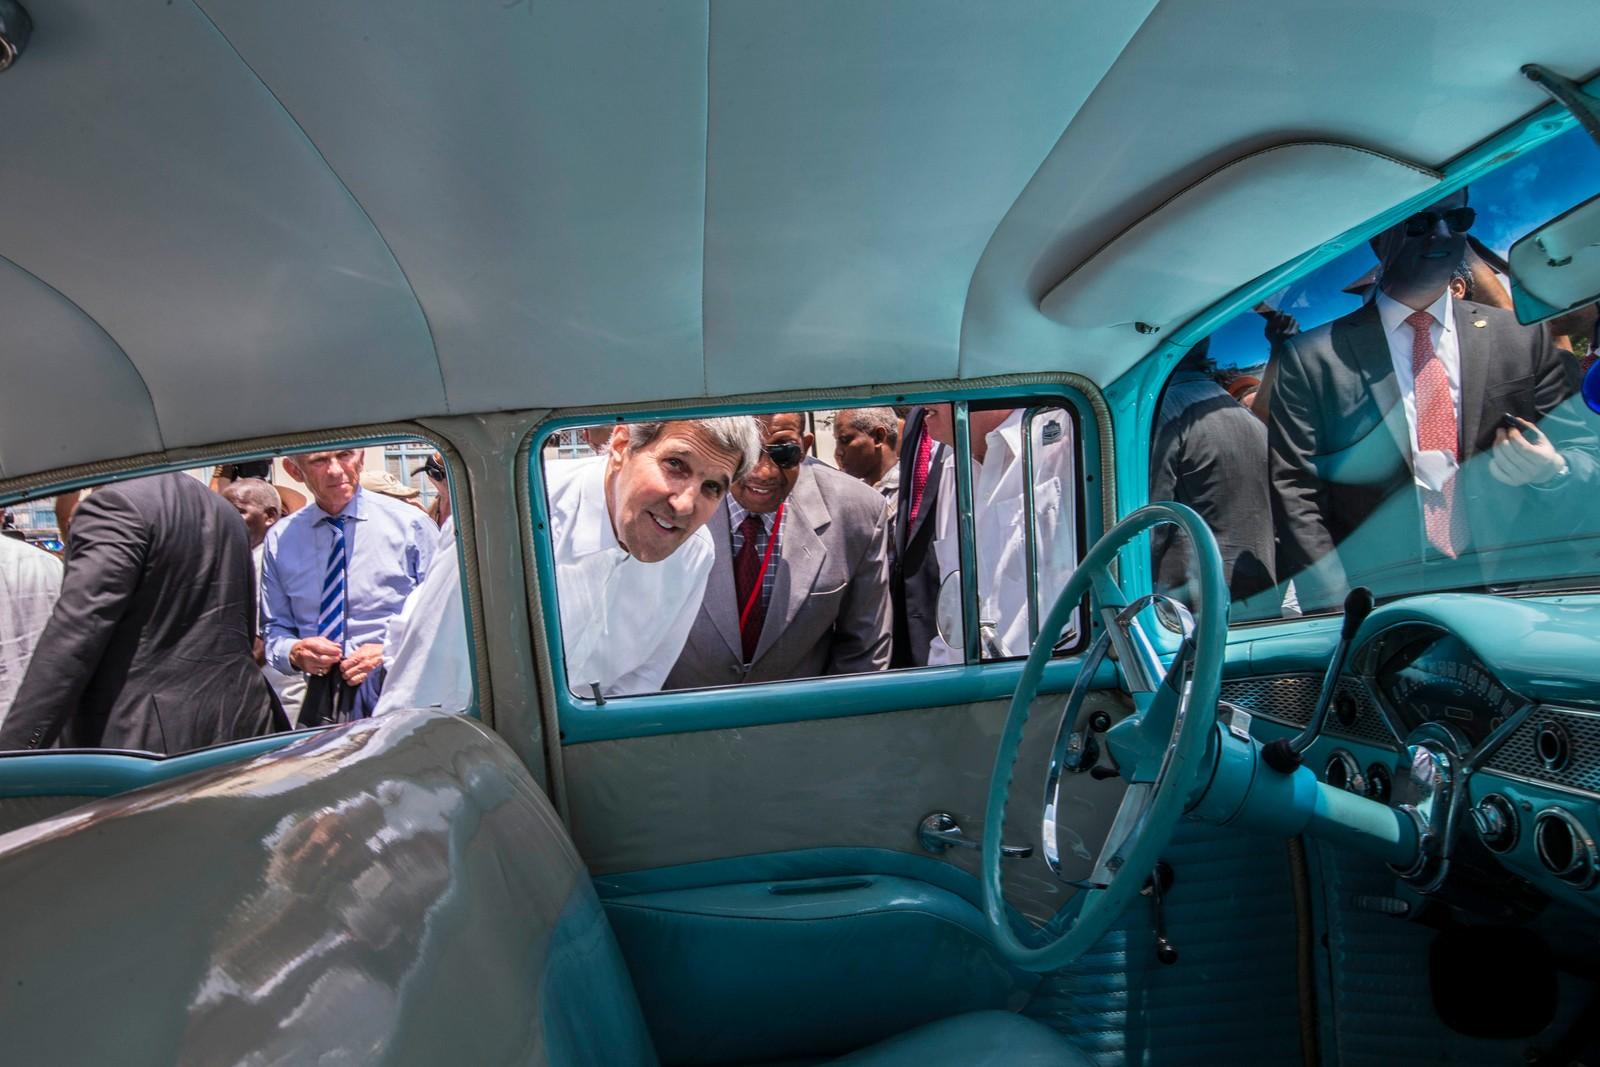 USAs utenriksminister John Kerry tar seg en titt på en klassisk amerikansk bil, som er et vanlig skue i den kubanske hovedstaden Havanna. Kerrys historiske besøk inneholdt både flaggheising og åpning av den amerikanske ambassaden, som har vært stengt i en årrekke grunnet det tidligere kjølige forholdet mellom de to landene.